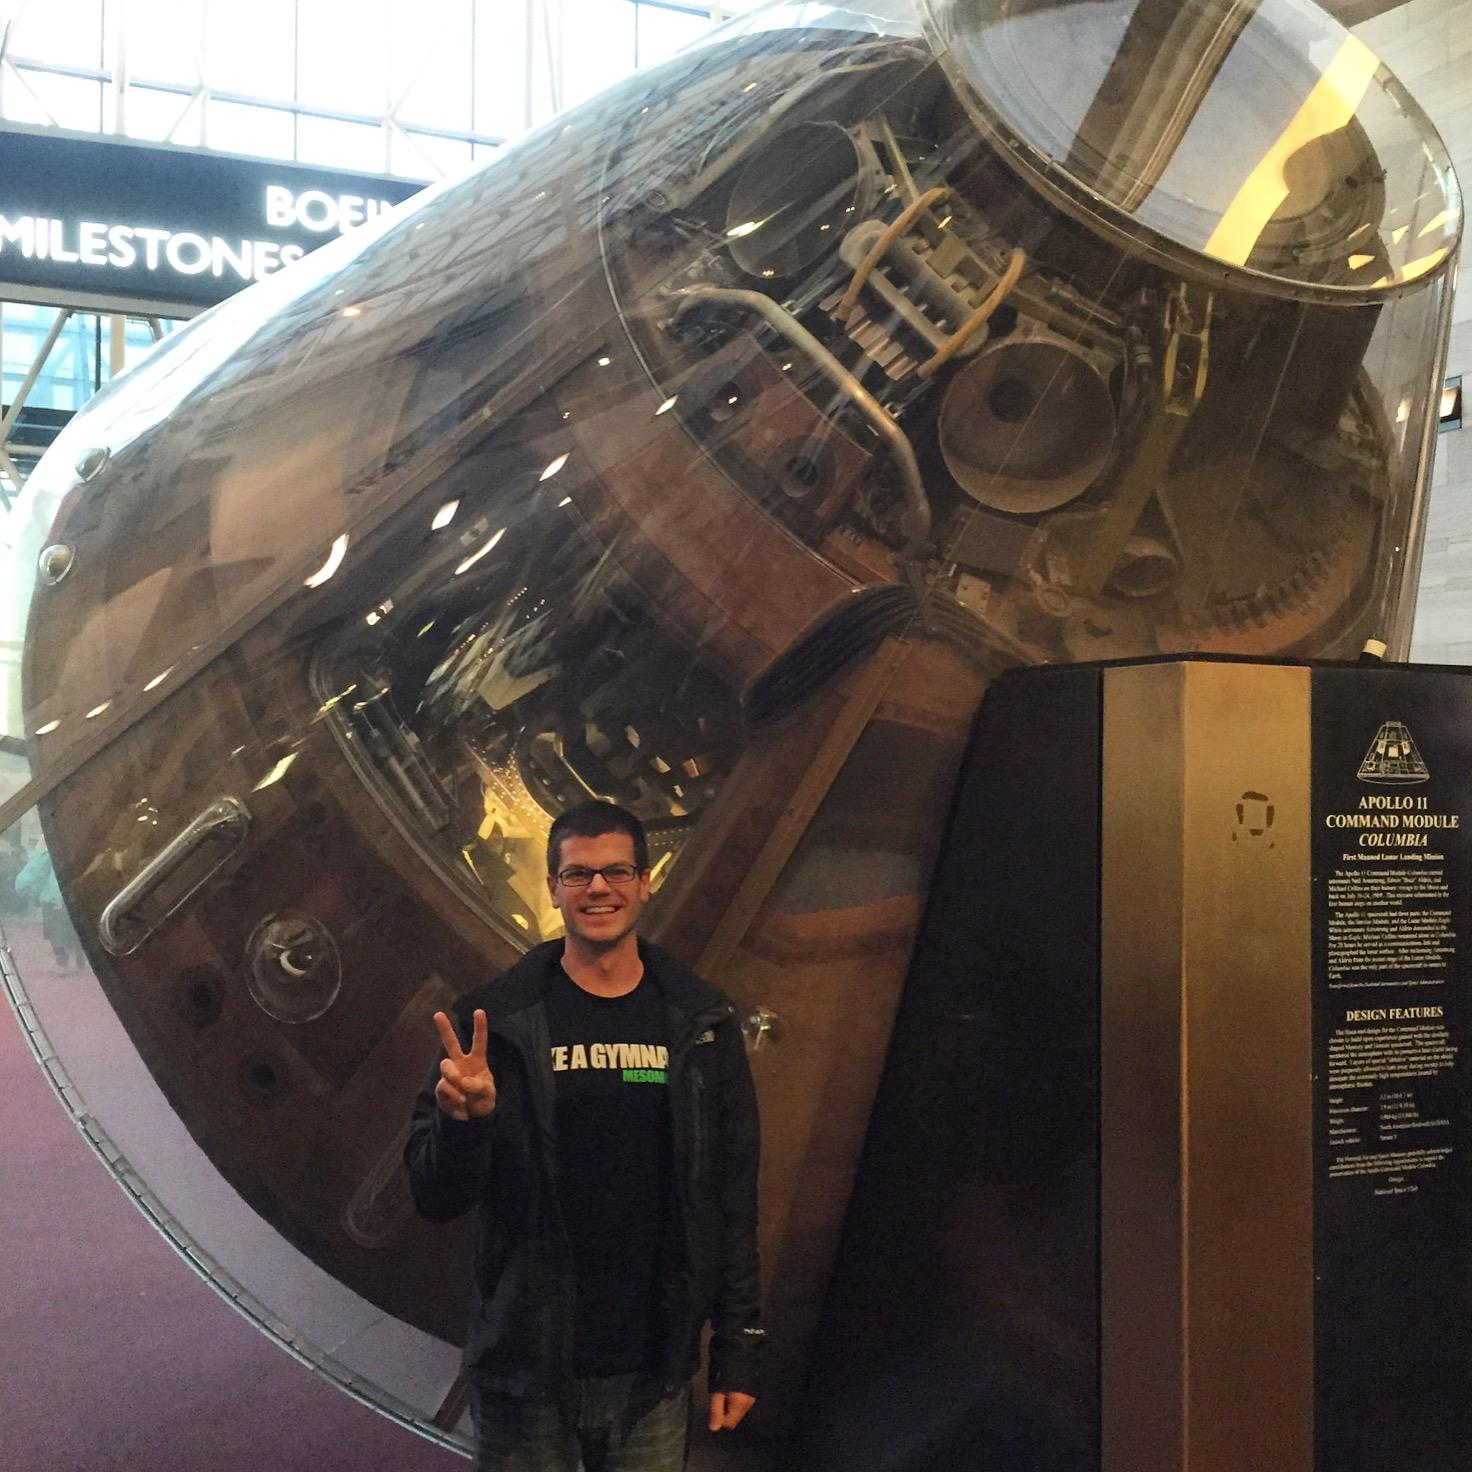 apollo 11 command module capsule